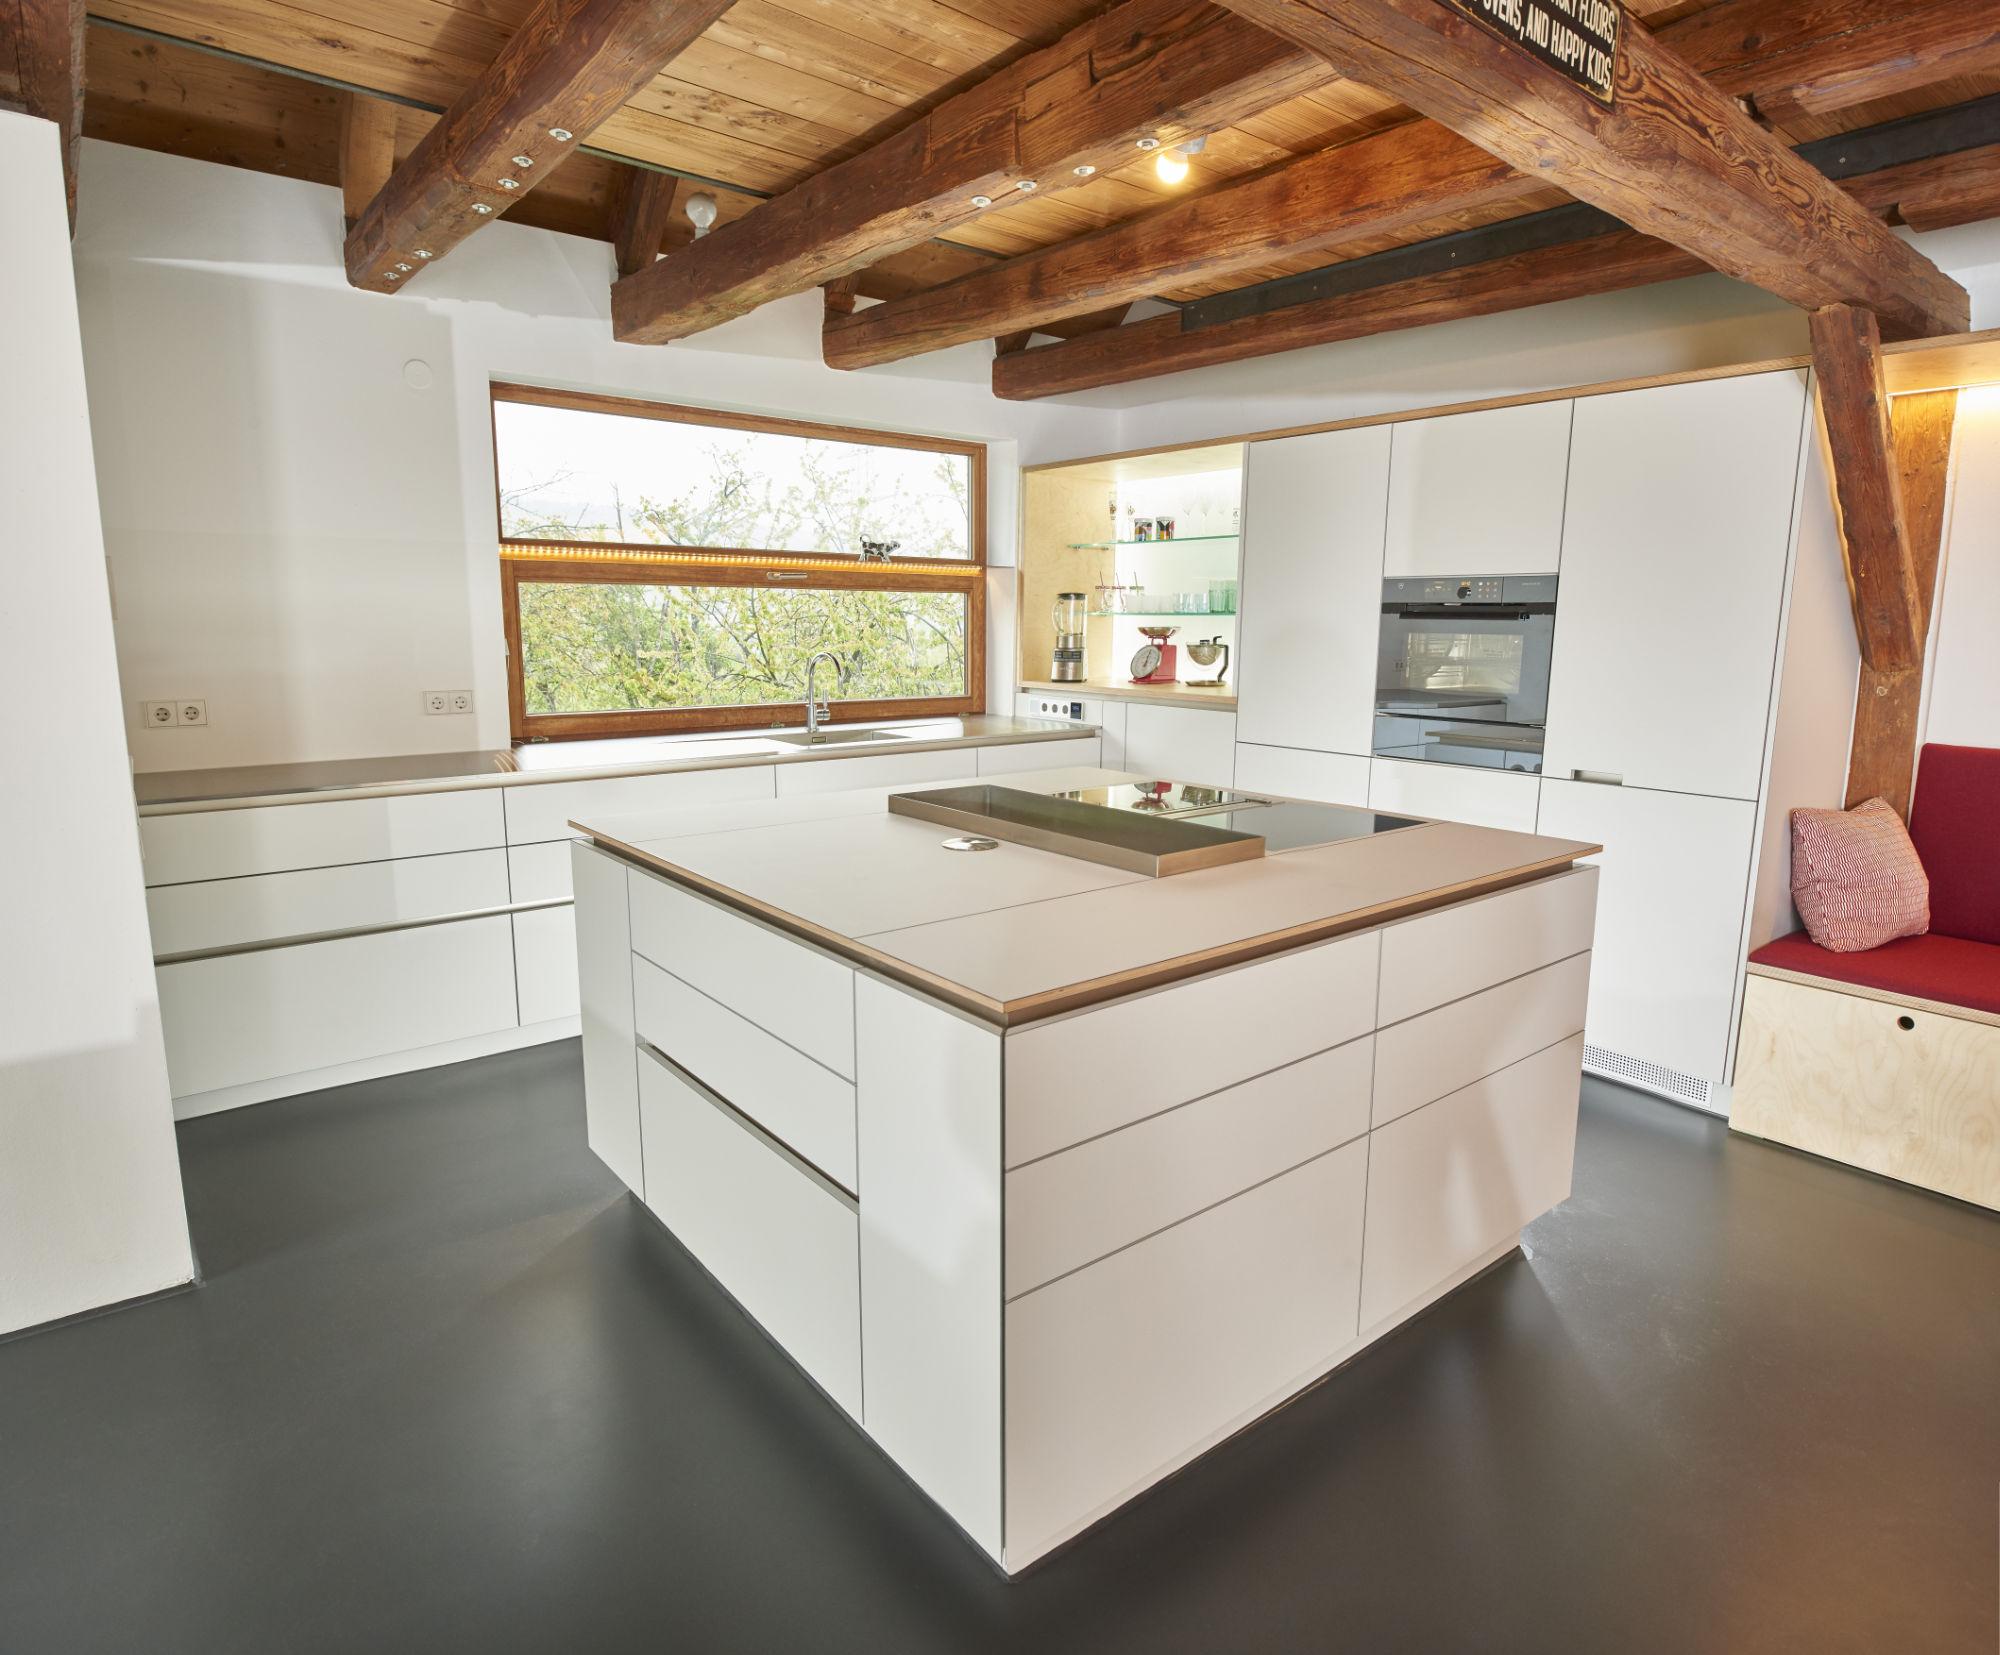 Küche 3 - Möbel Bühler - Schorndorf